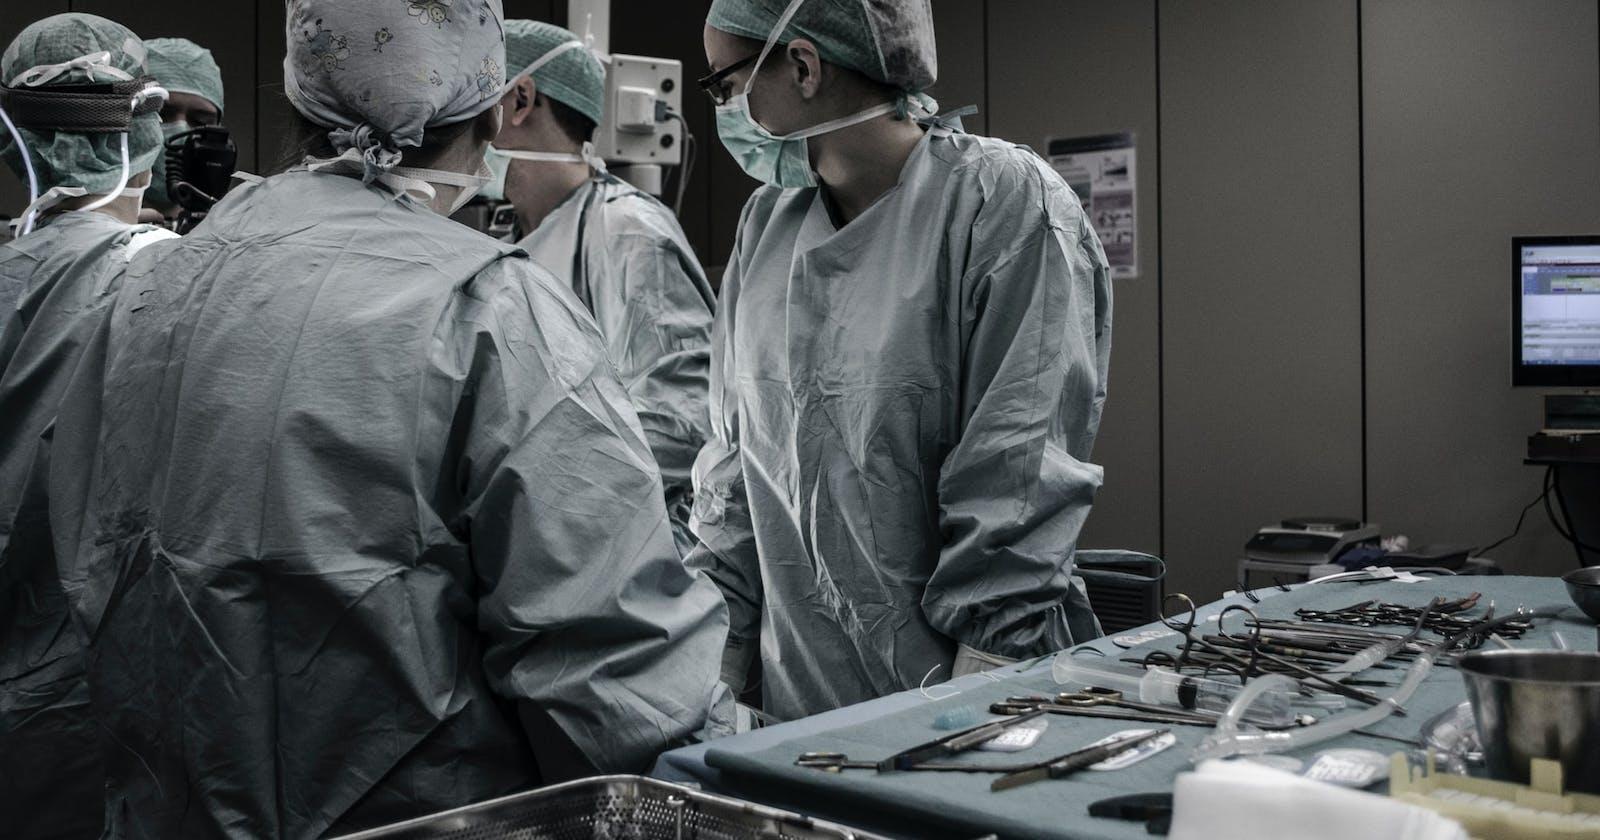 Cirurgia Plástica - expansor de tecido